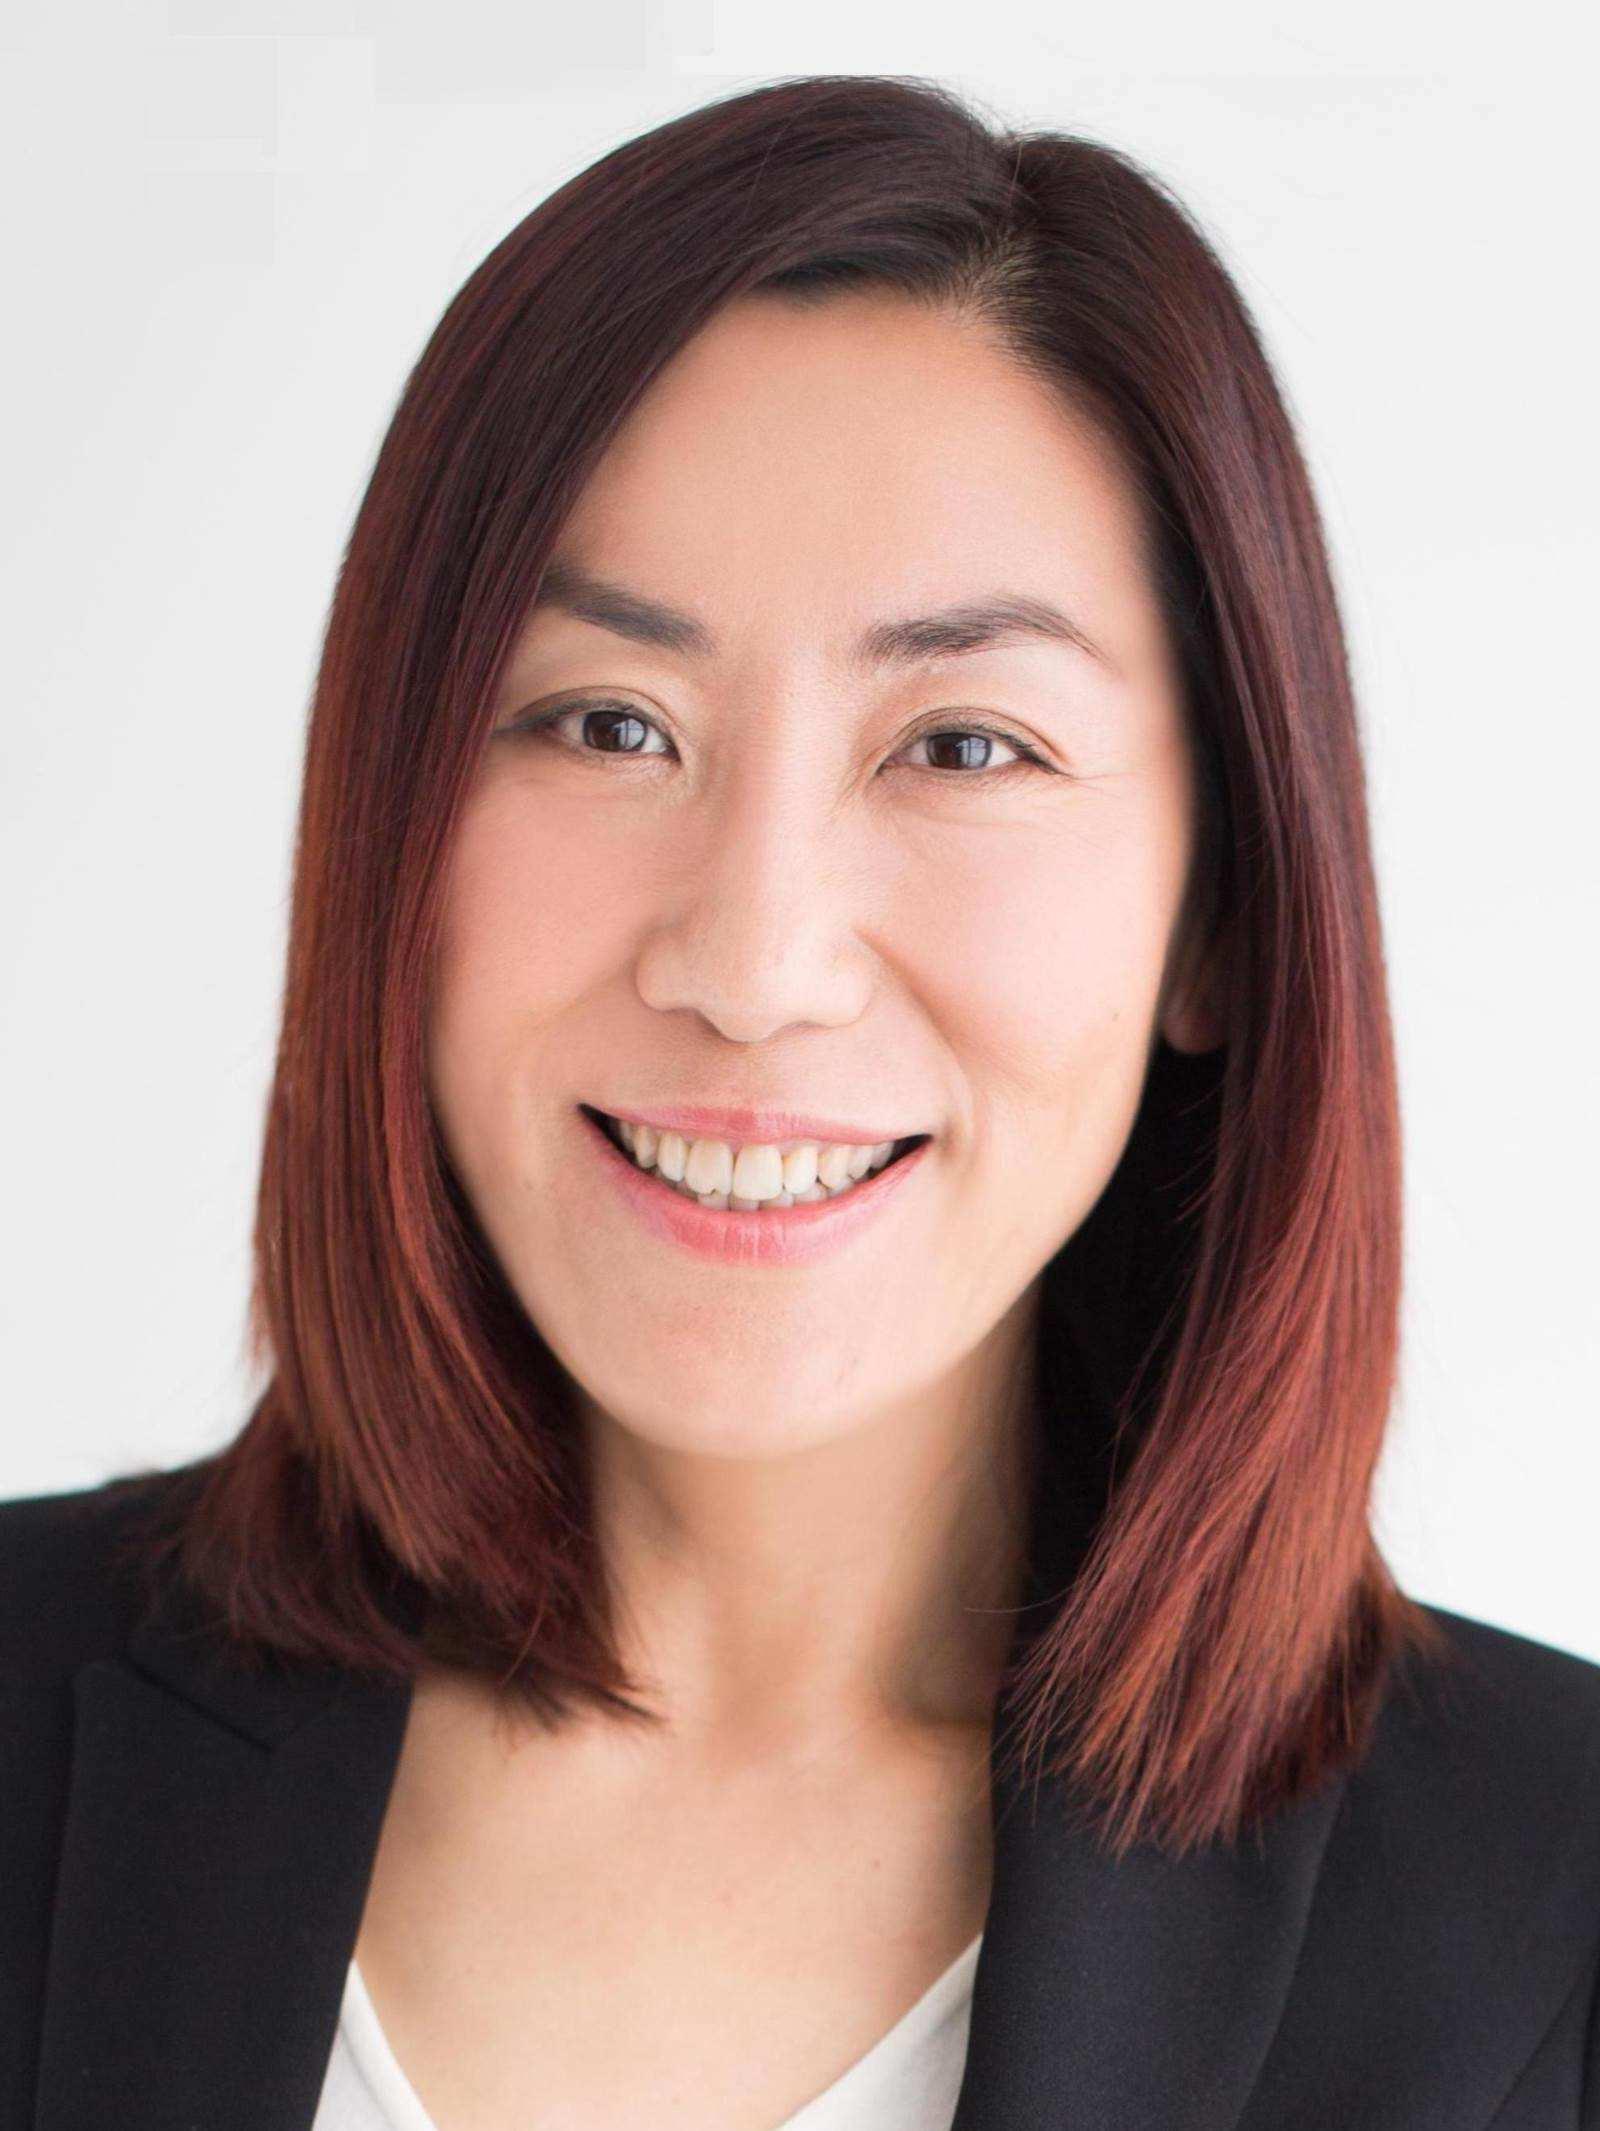 Linda Teng